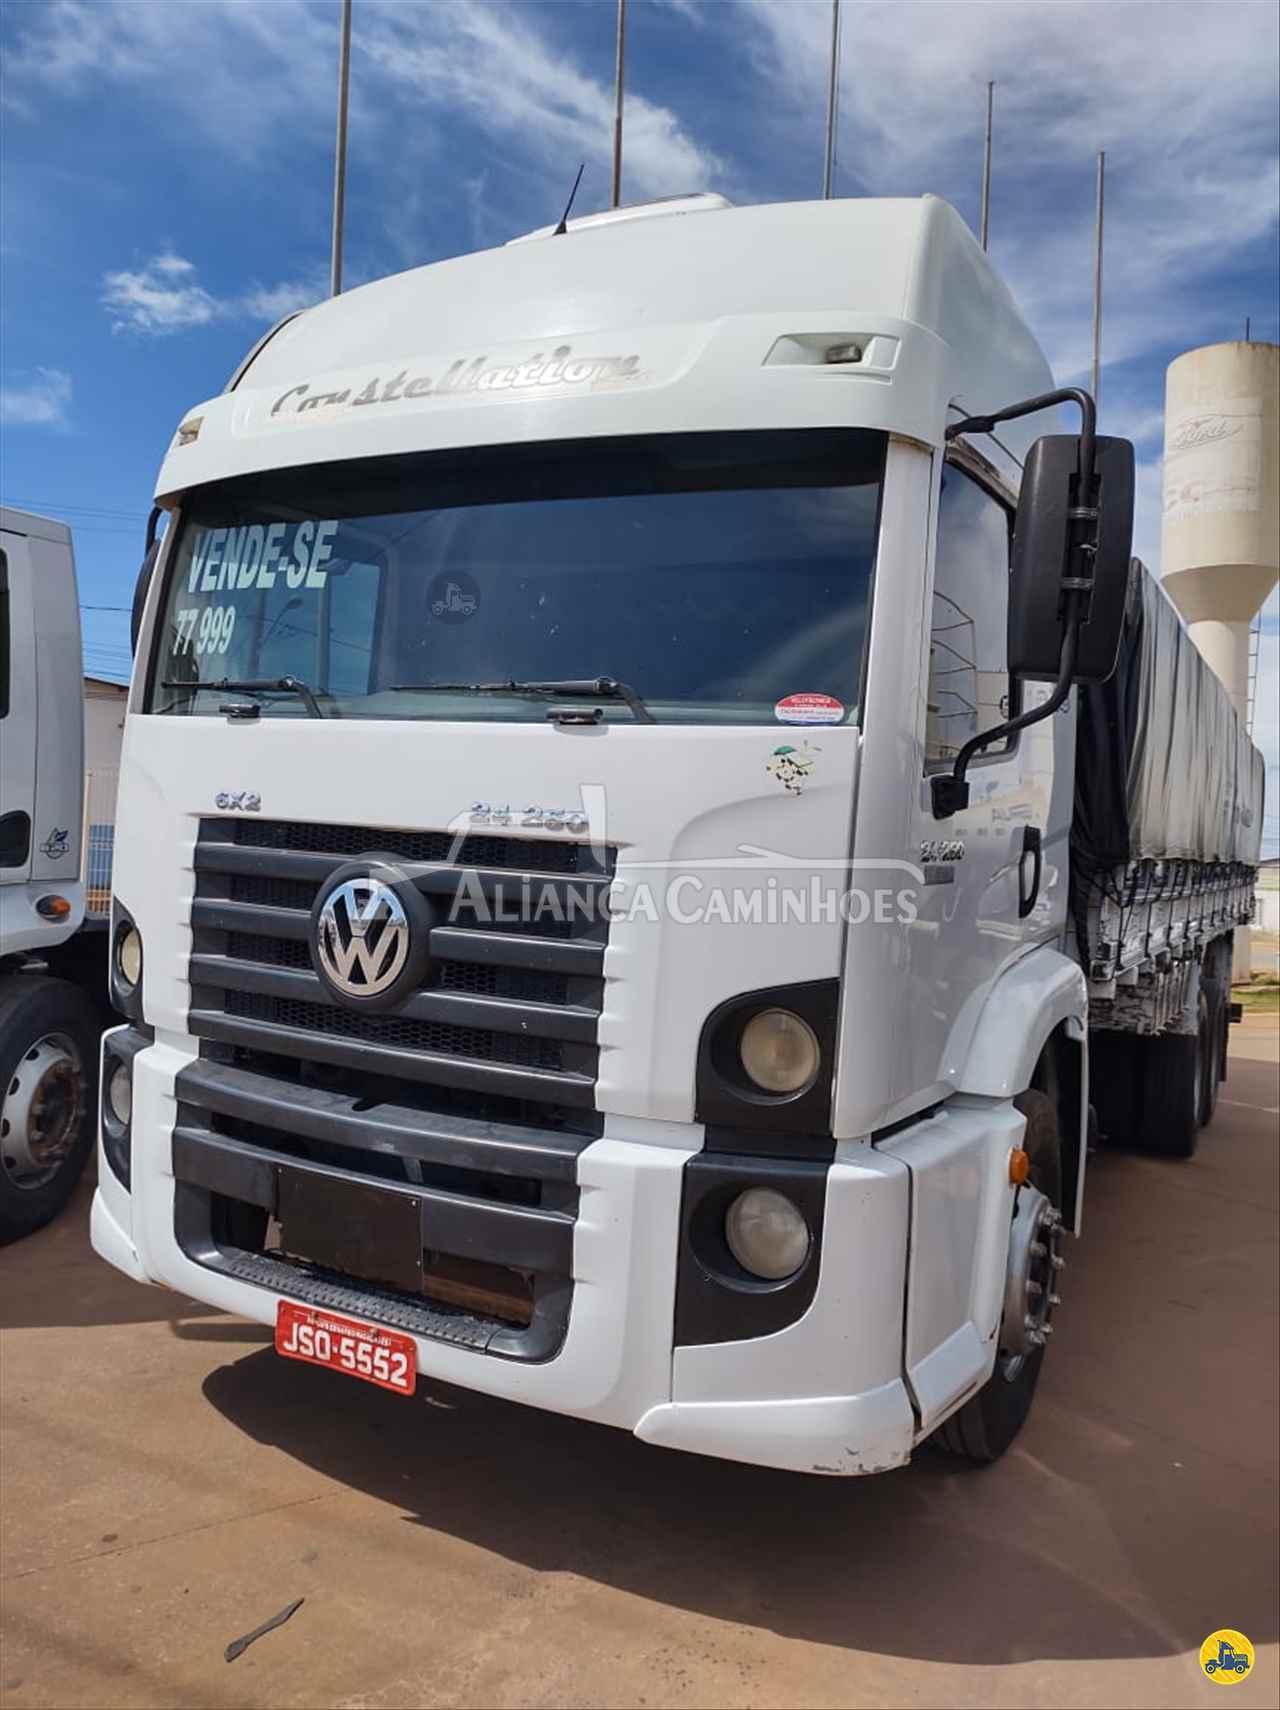 CAMINHAO VOLKSWAGEN VW 24250 Carga Seca Truck 6x2 Aliança Caminhões LUIS EDUARDO MAGALHAES BAHIA BA